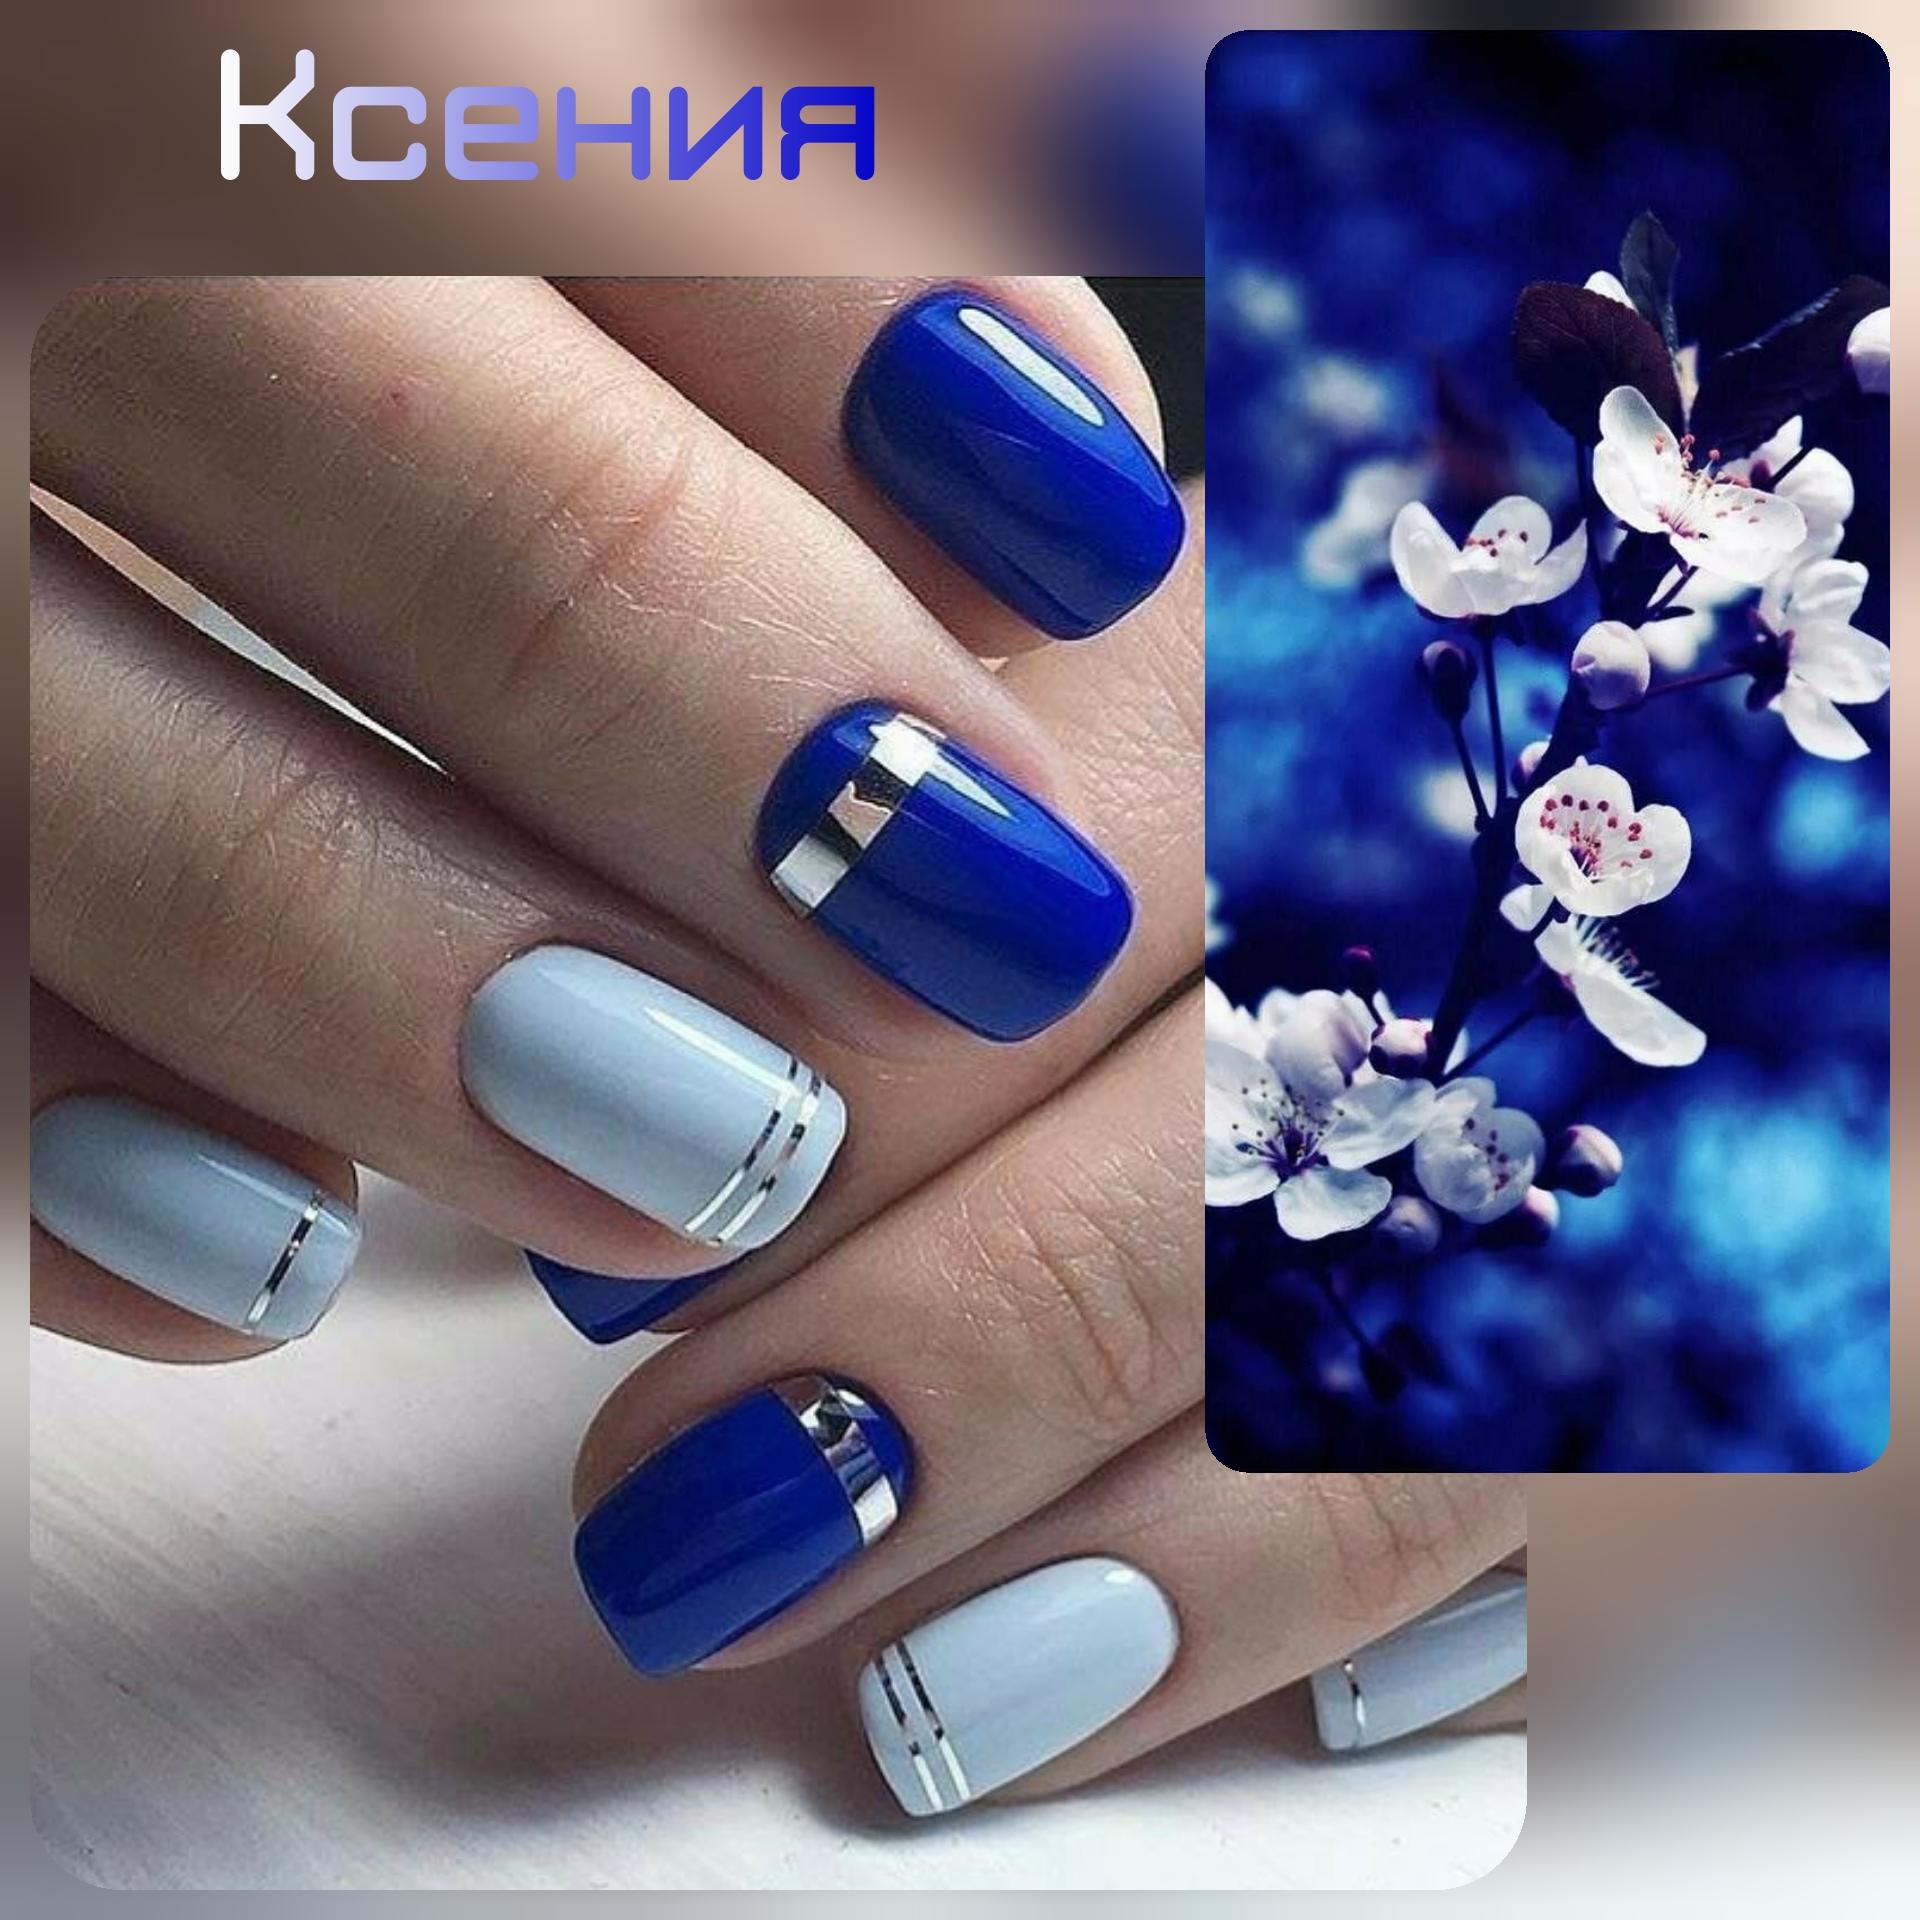 Маникюр с серебряными полосками в синем цвете.